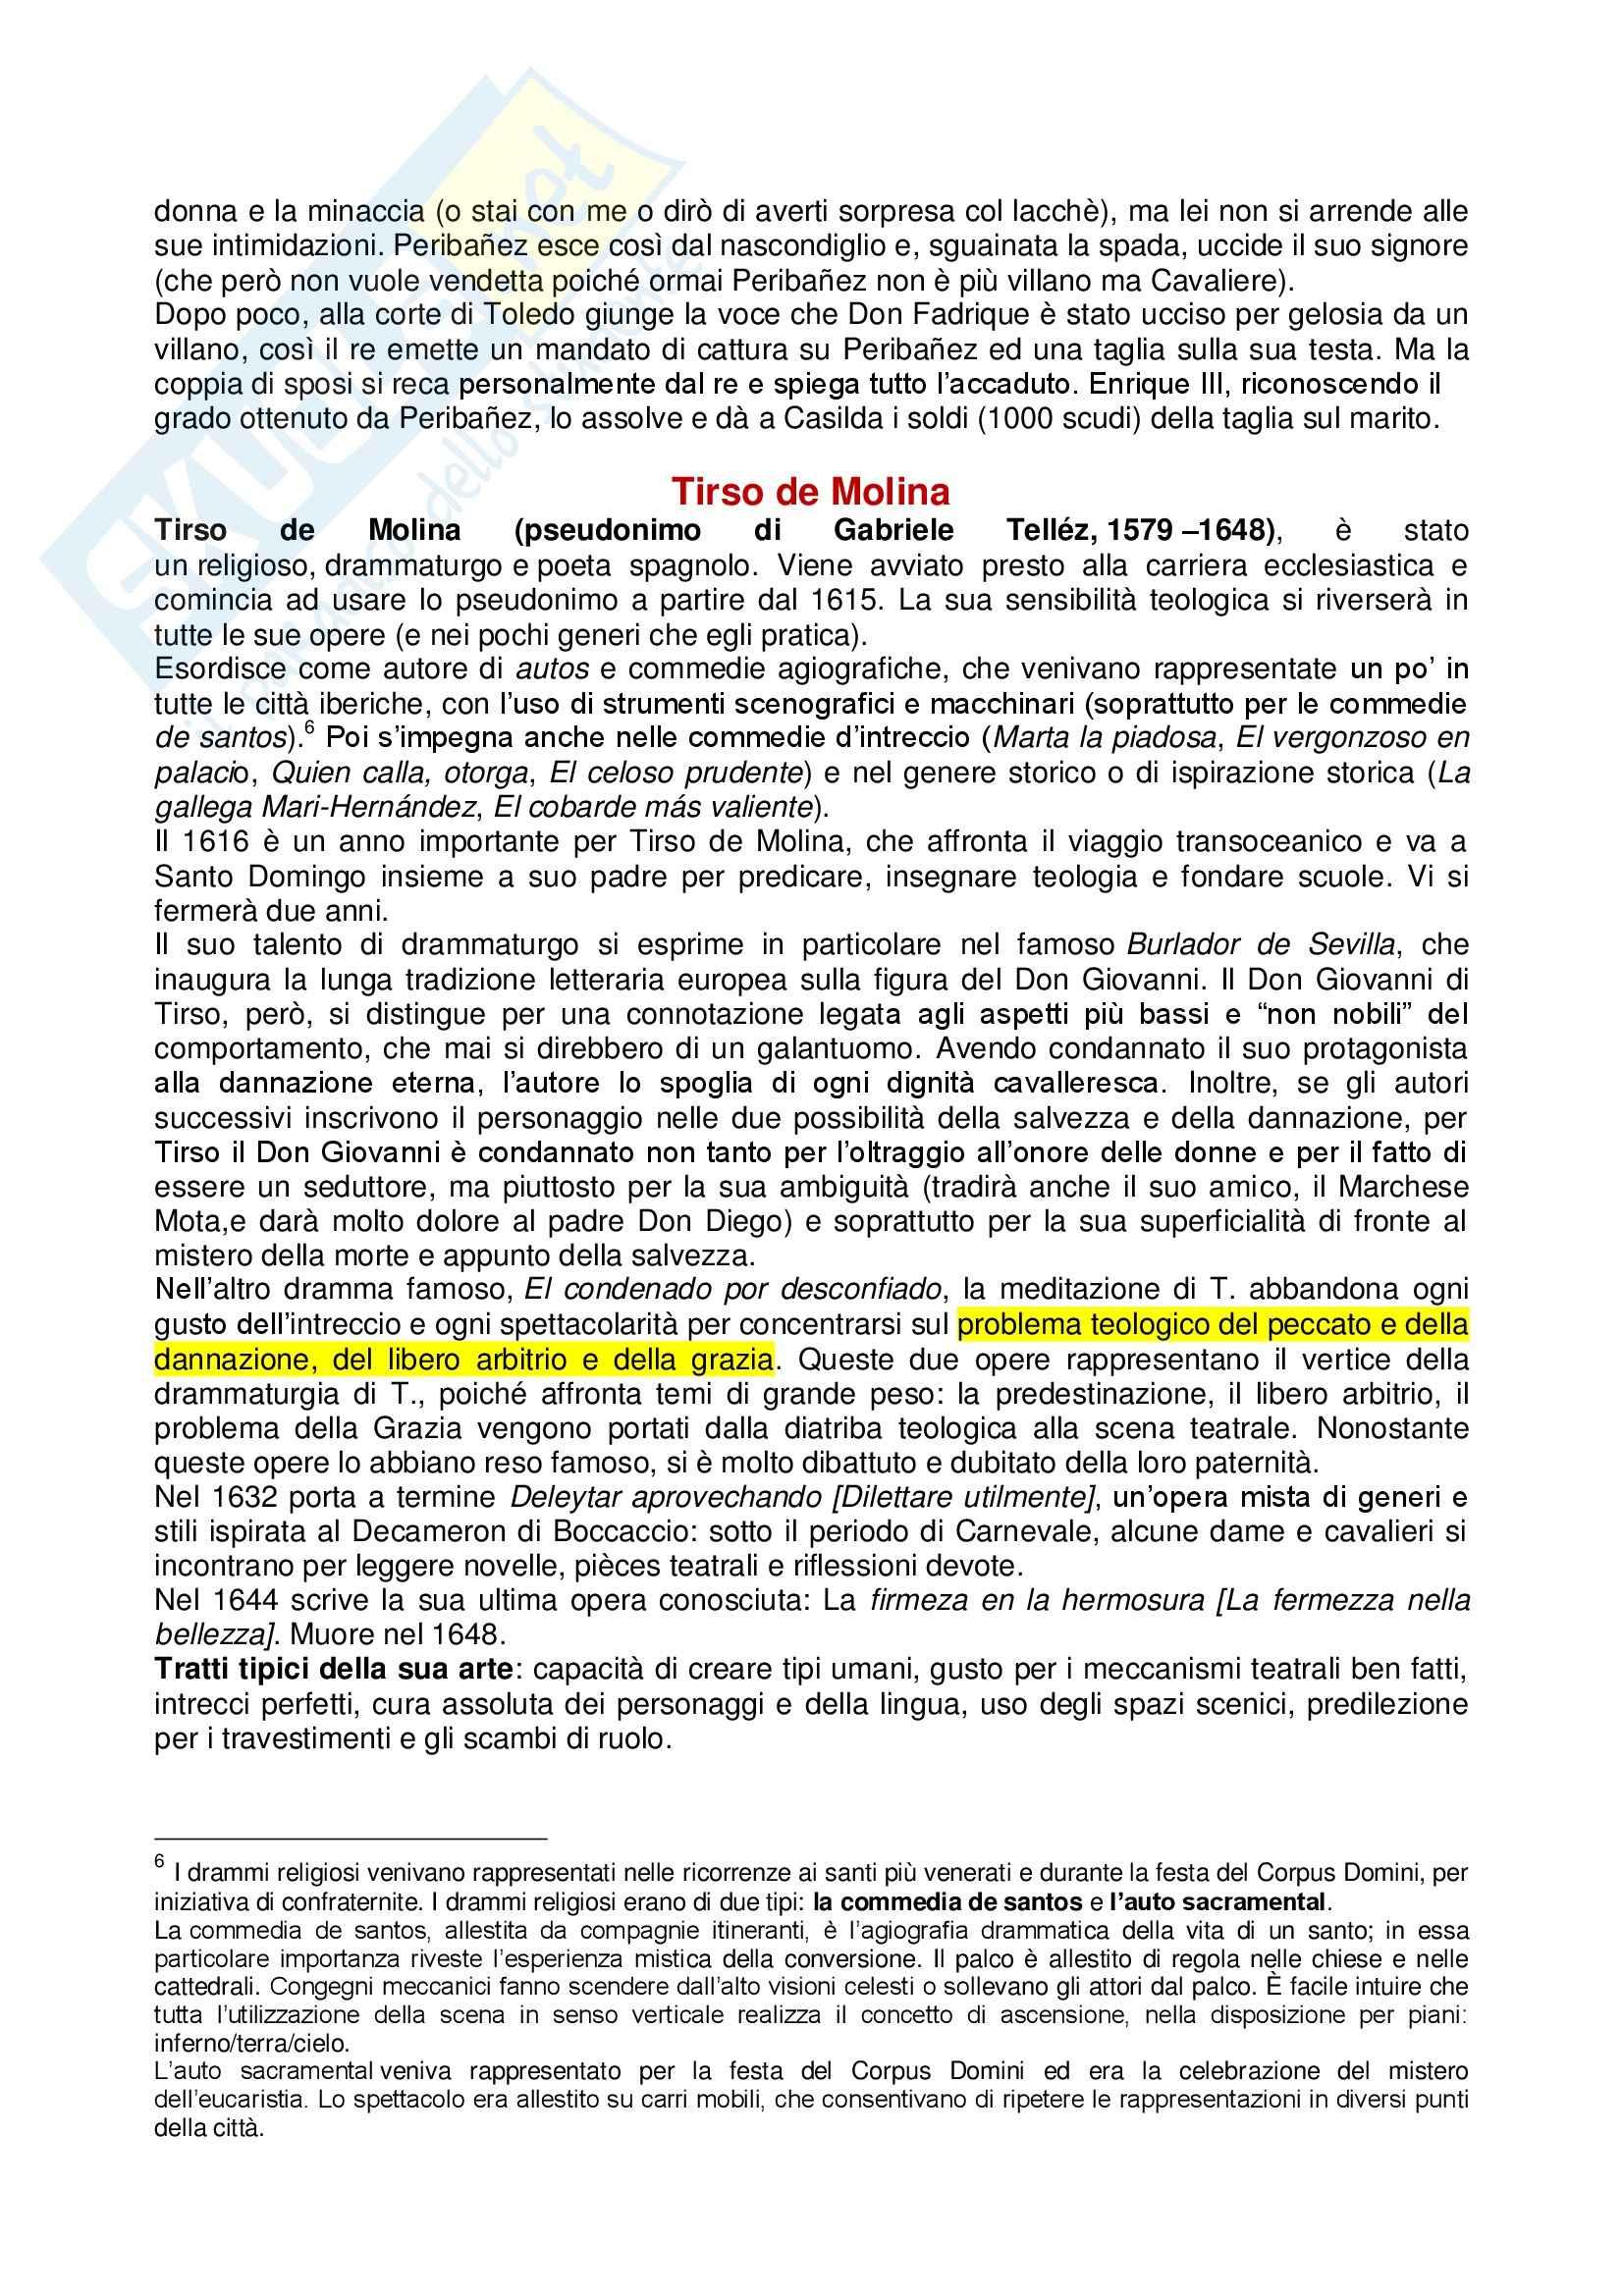 Romanzi: Appunti di Letteratura spagnola Pag. 11